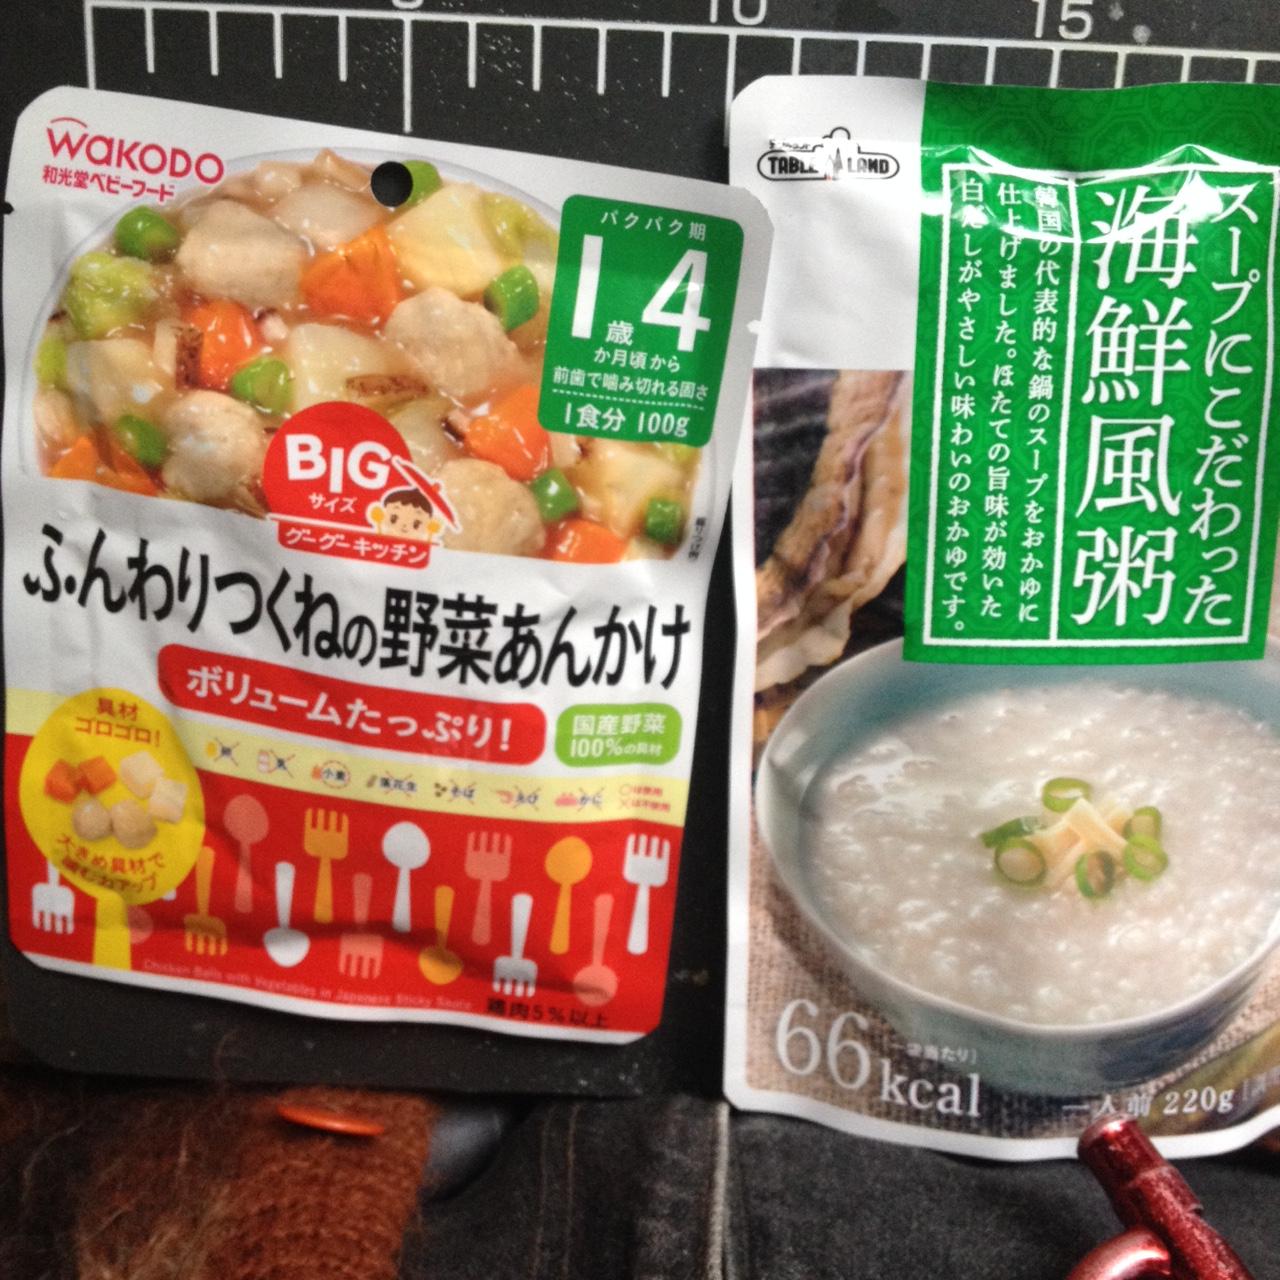 海鮮粥と離乳食あんかけ